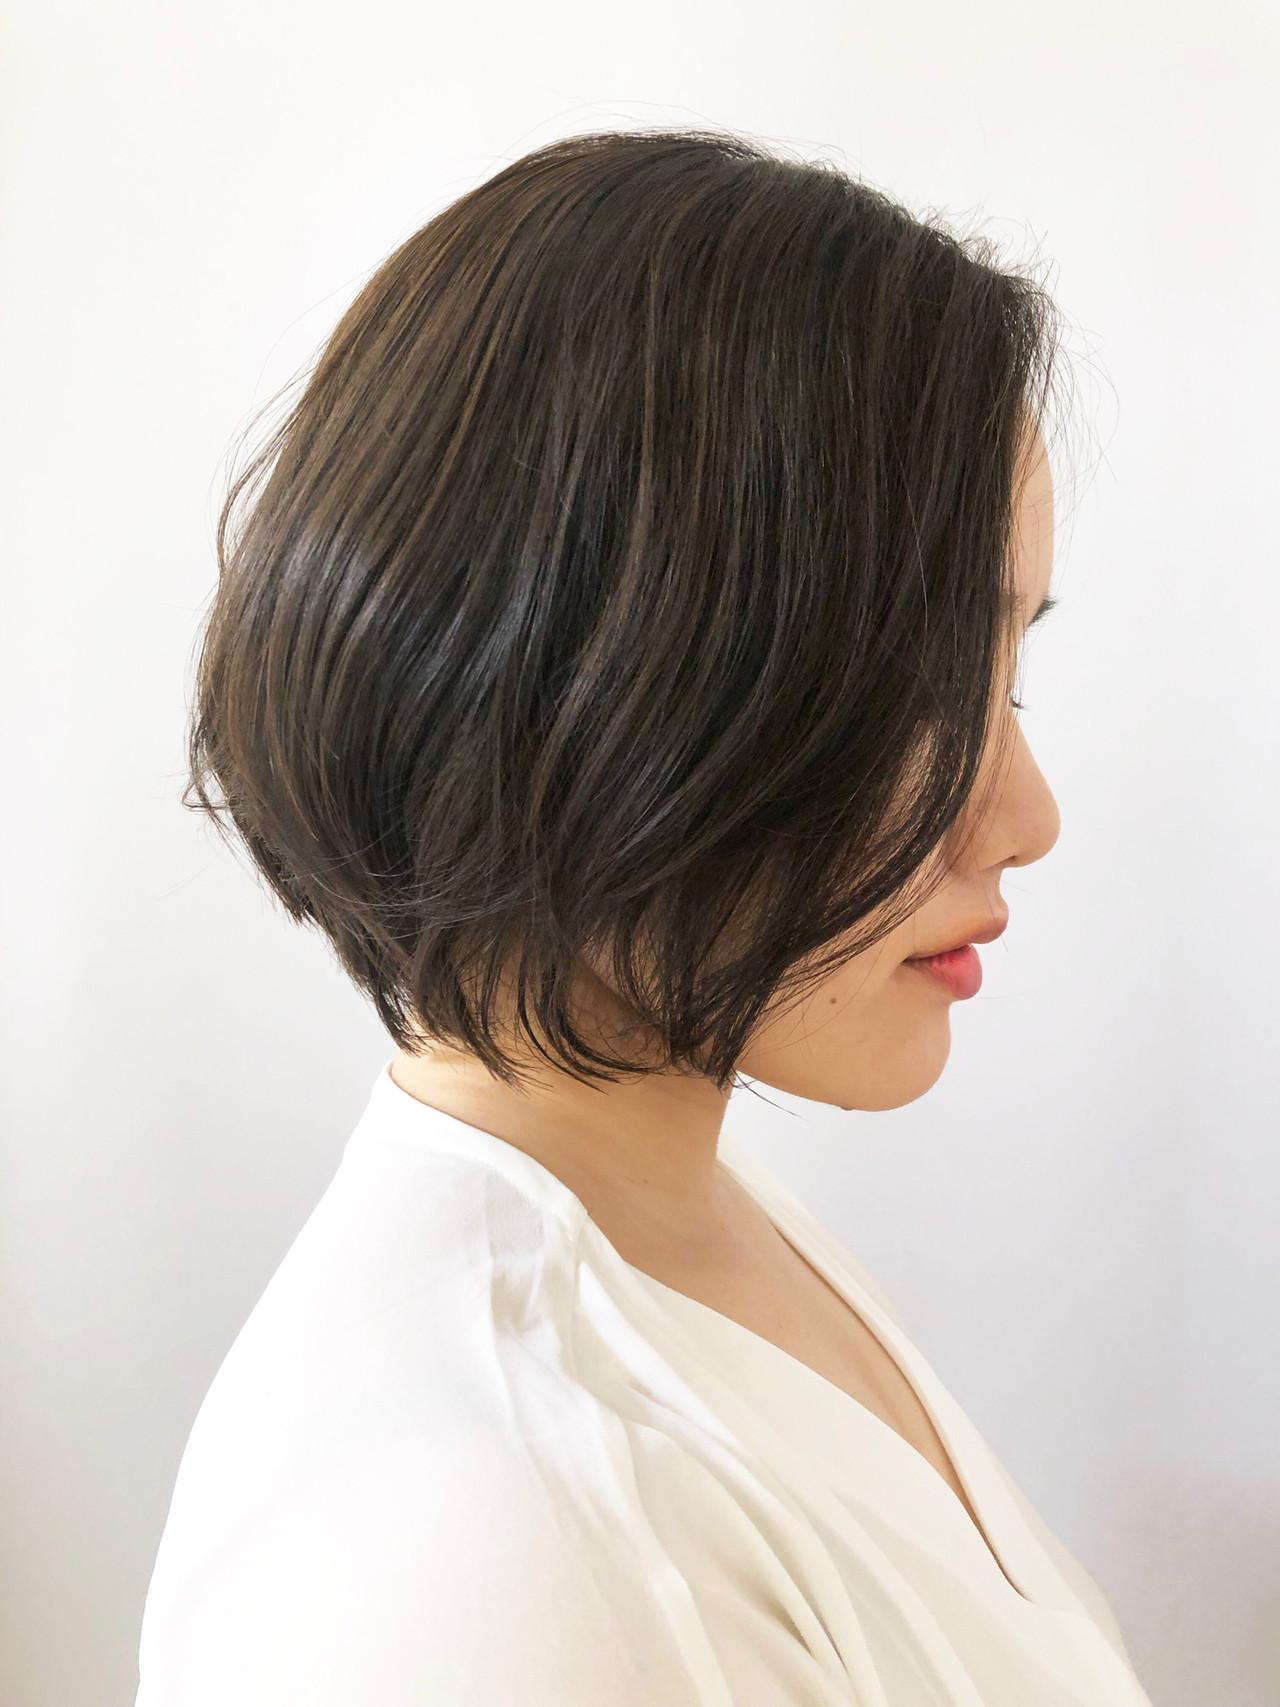 ボブ 黒髪 ナチュラル デート ヘアスタイルや髪型の写真・画像 | Nana / モリオフロムロンドン 成増一号店